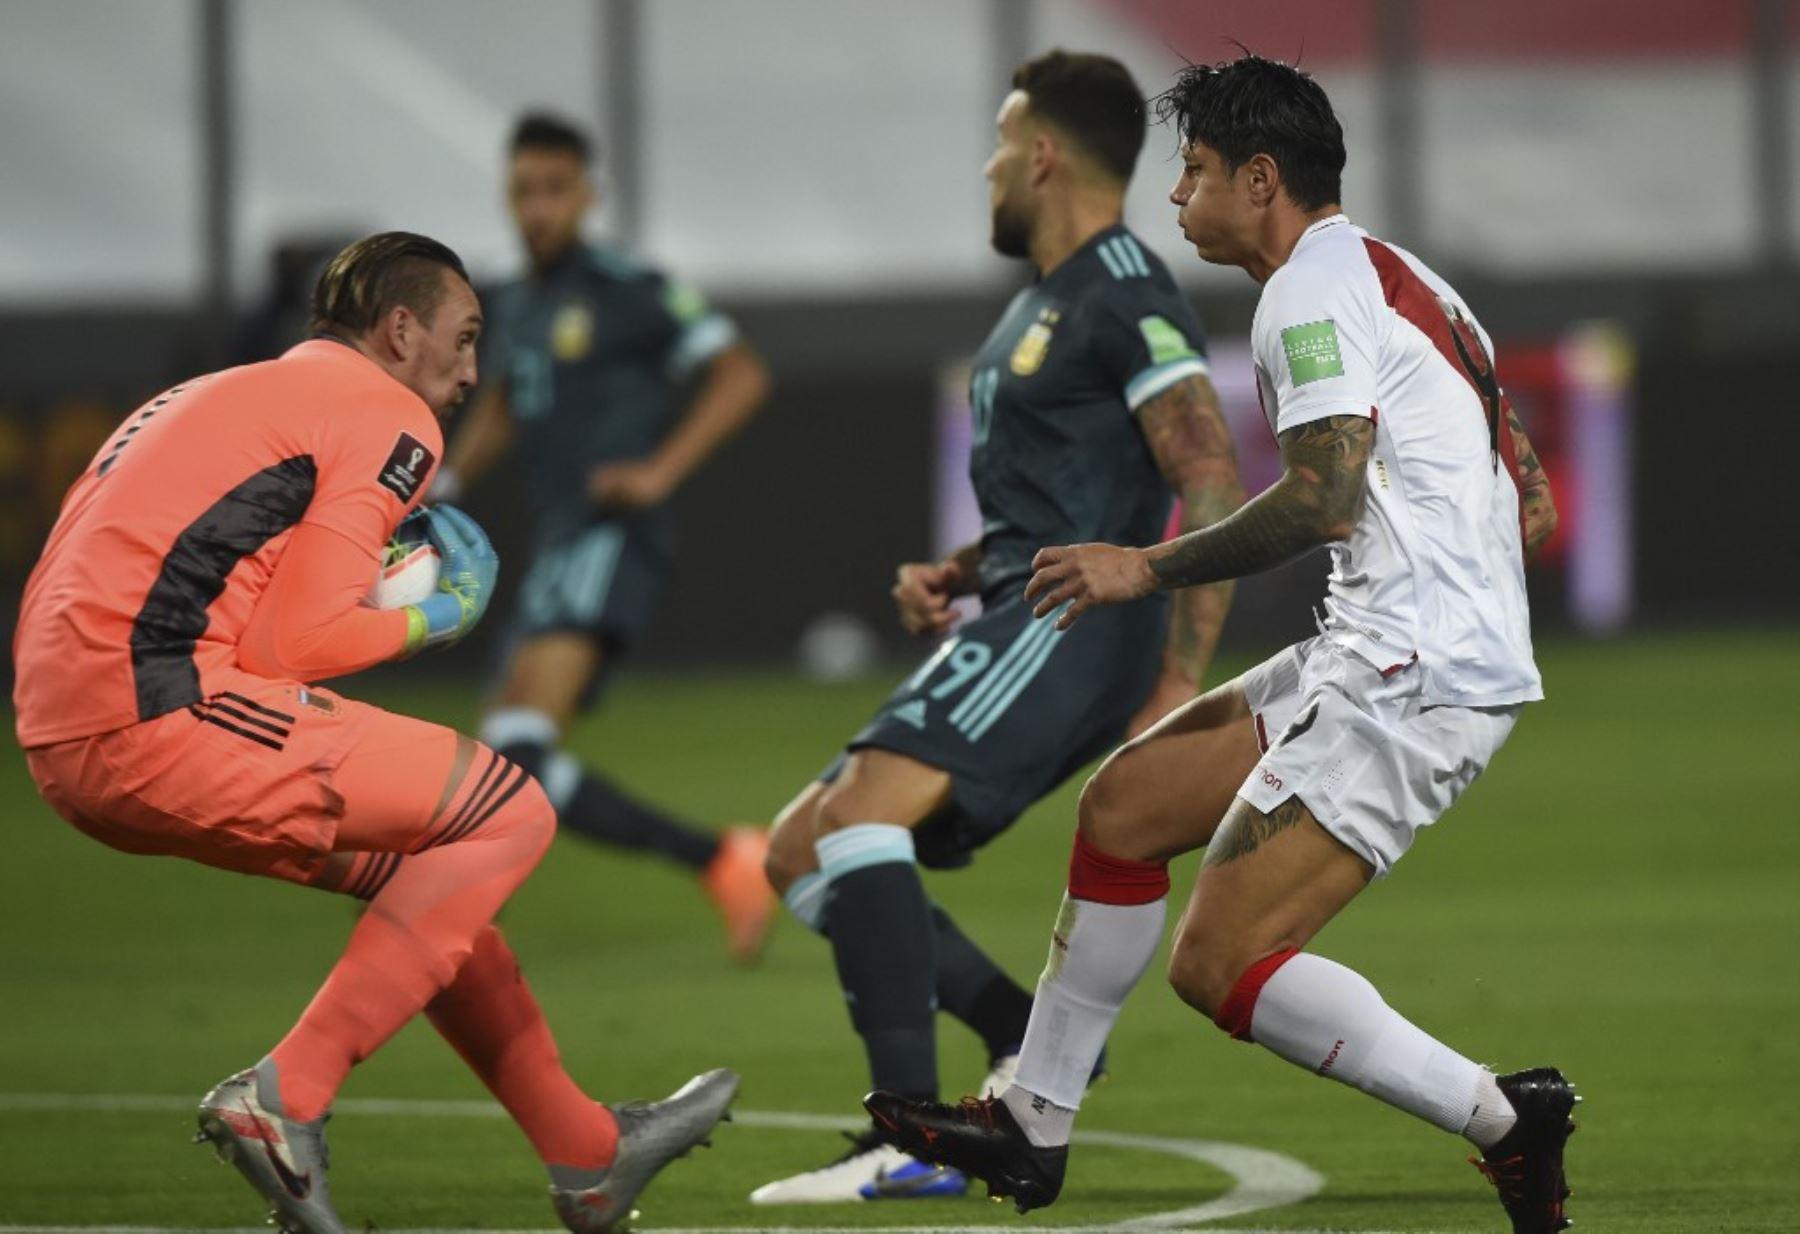 El arquero argentino Franco Armani atrapa el balón junto al peruano Gianluca Lapadula durante su partido de fútbol a puertas cerradas clasificatorio sudamericano para la Copa Mundial de la FIFA 2022 en el Estadio Nacional de Lima. Foto: AFP